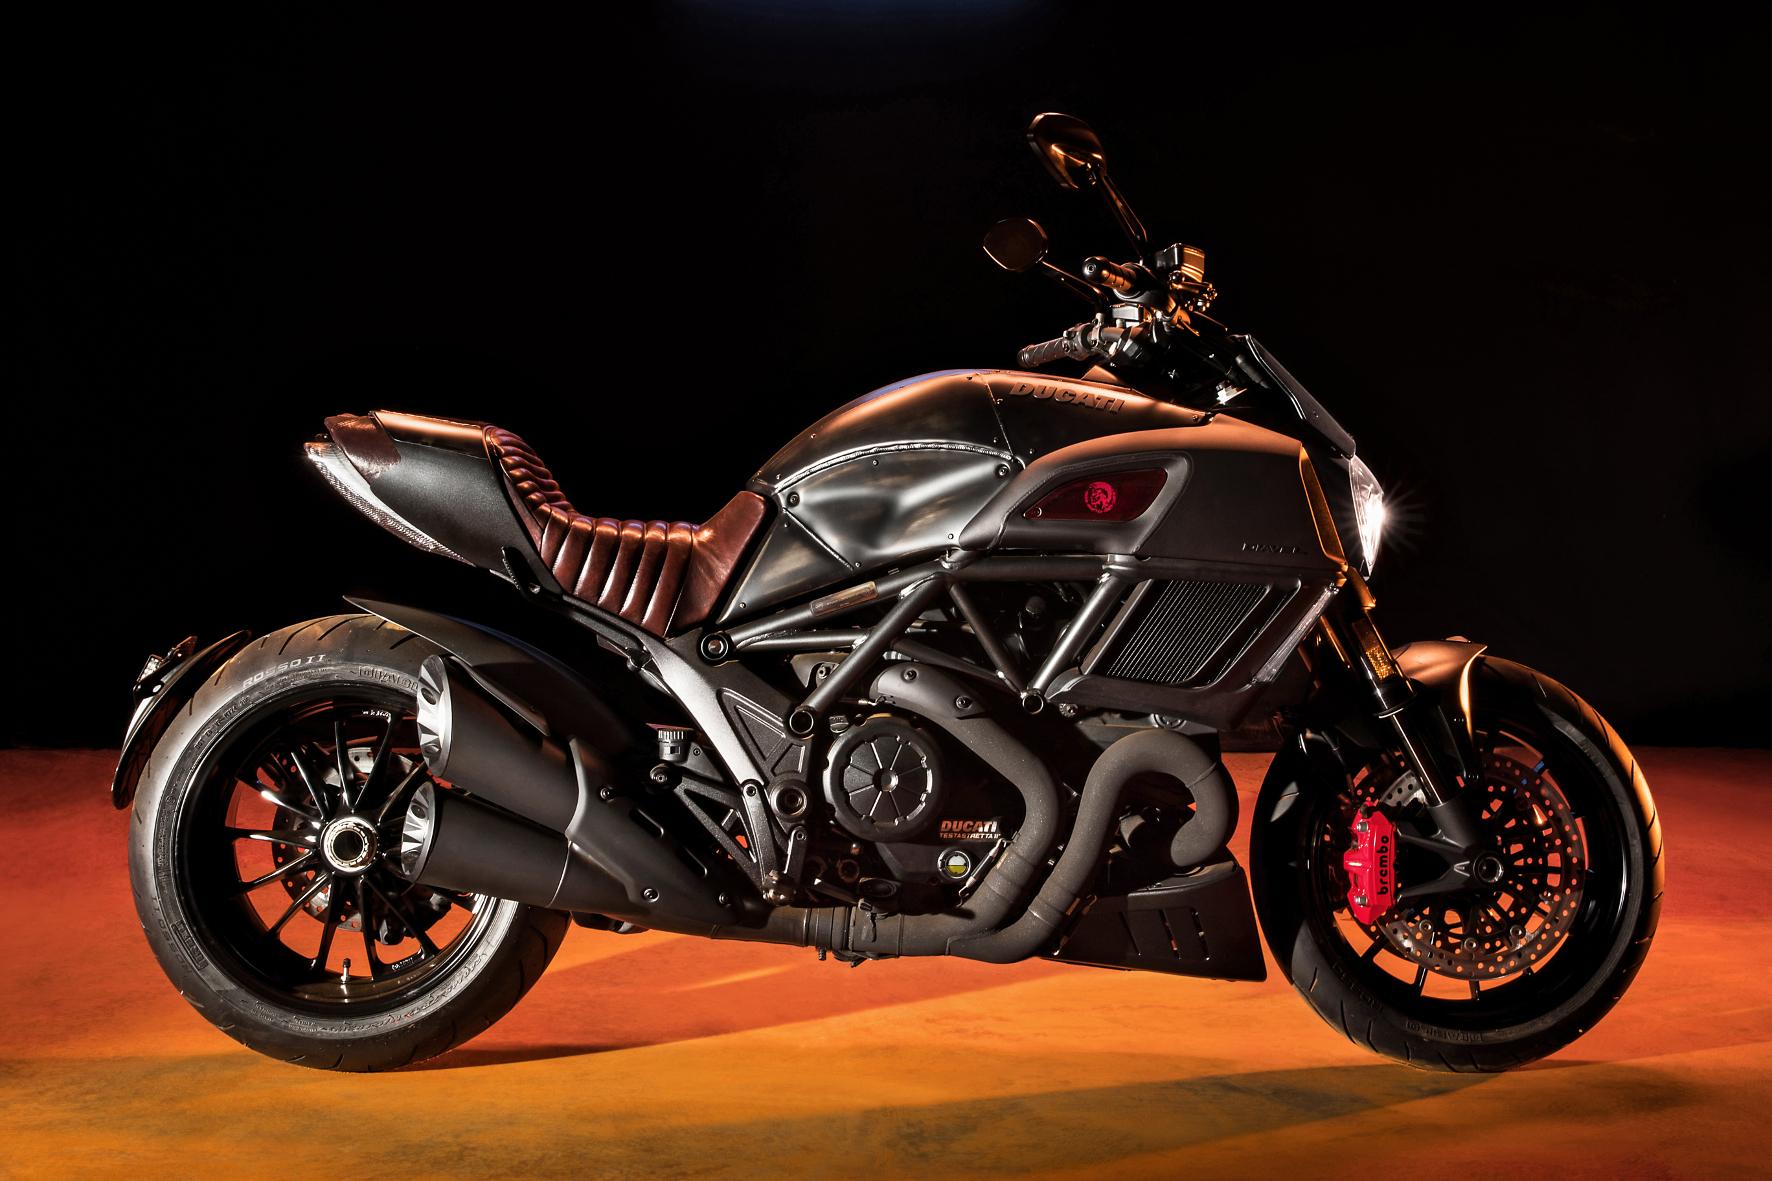 mid Groß-Gerau - Mächtig böser Auftritt: Das Sondermodell Ducati Diavel Diesel ist ab April bestellbar. Es ist eine Kooperation der italienischen Marken Ducati und Diesel.